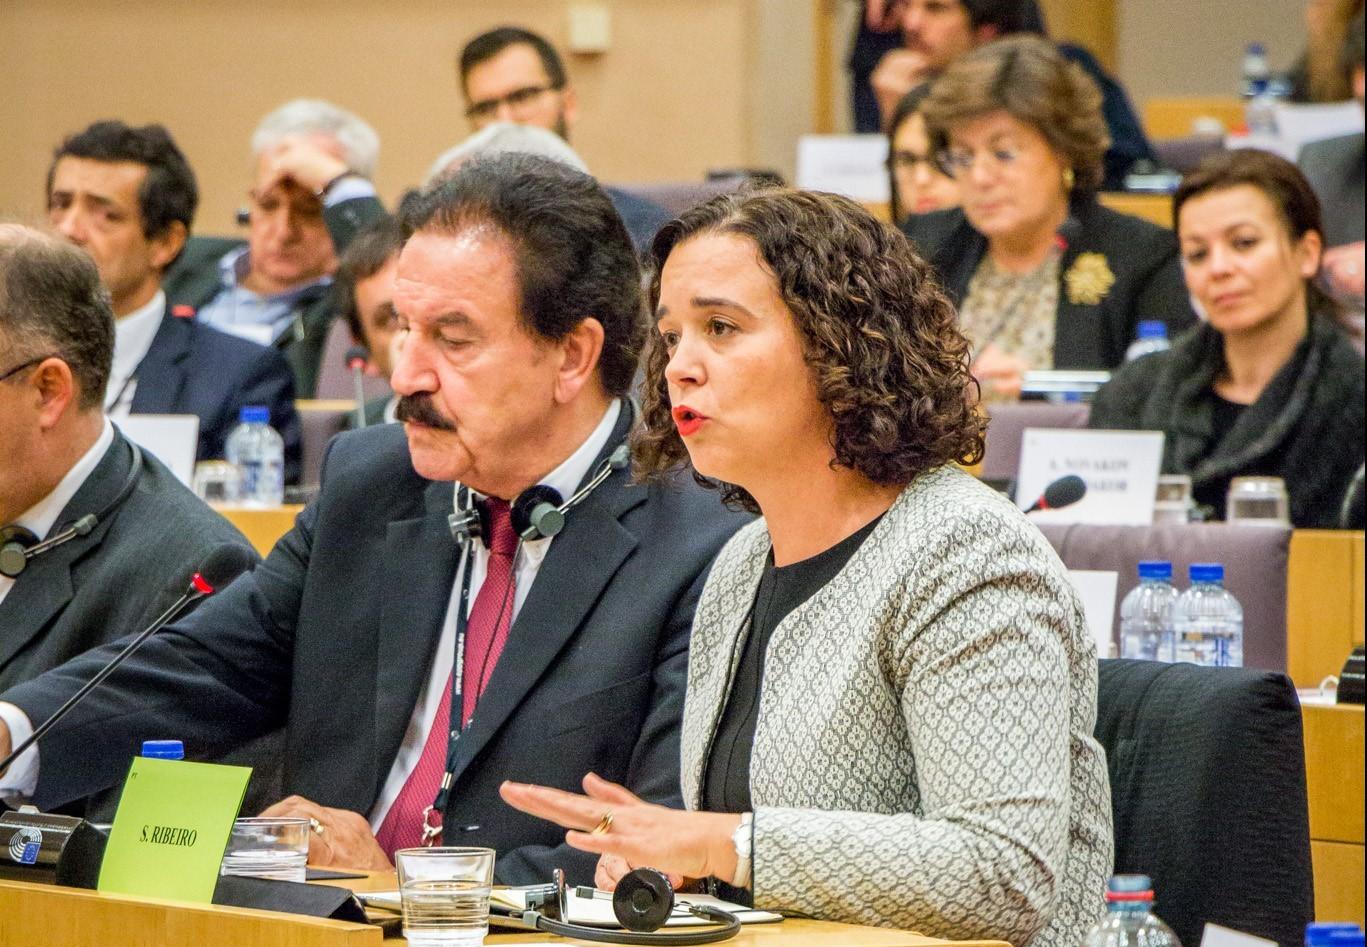 Sofia Ribeiro responsabiliza Ministro das Finanças pela solução do problema dos fundos